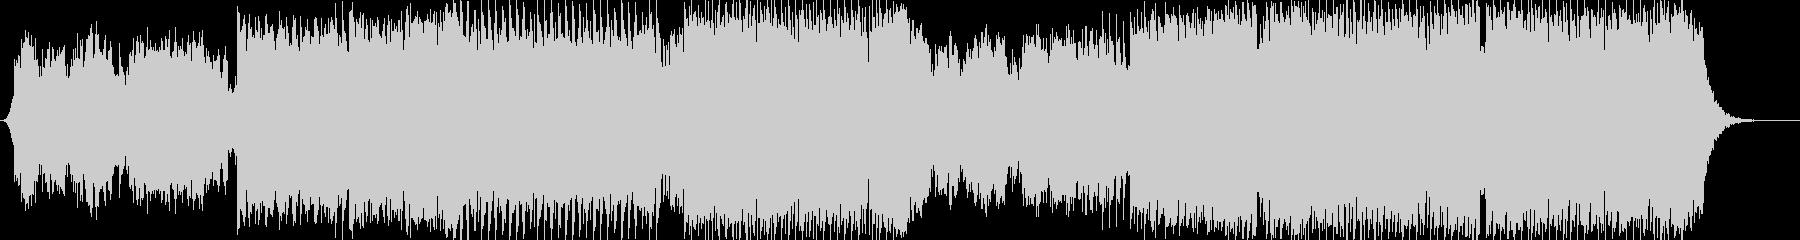 明るいハウスミュージックの未再生の波形